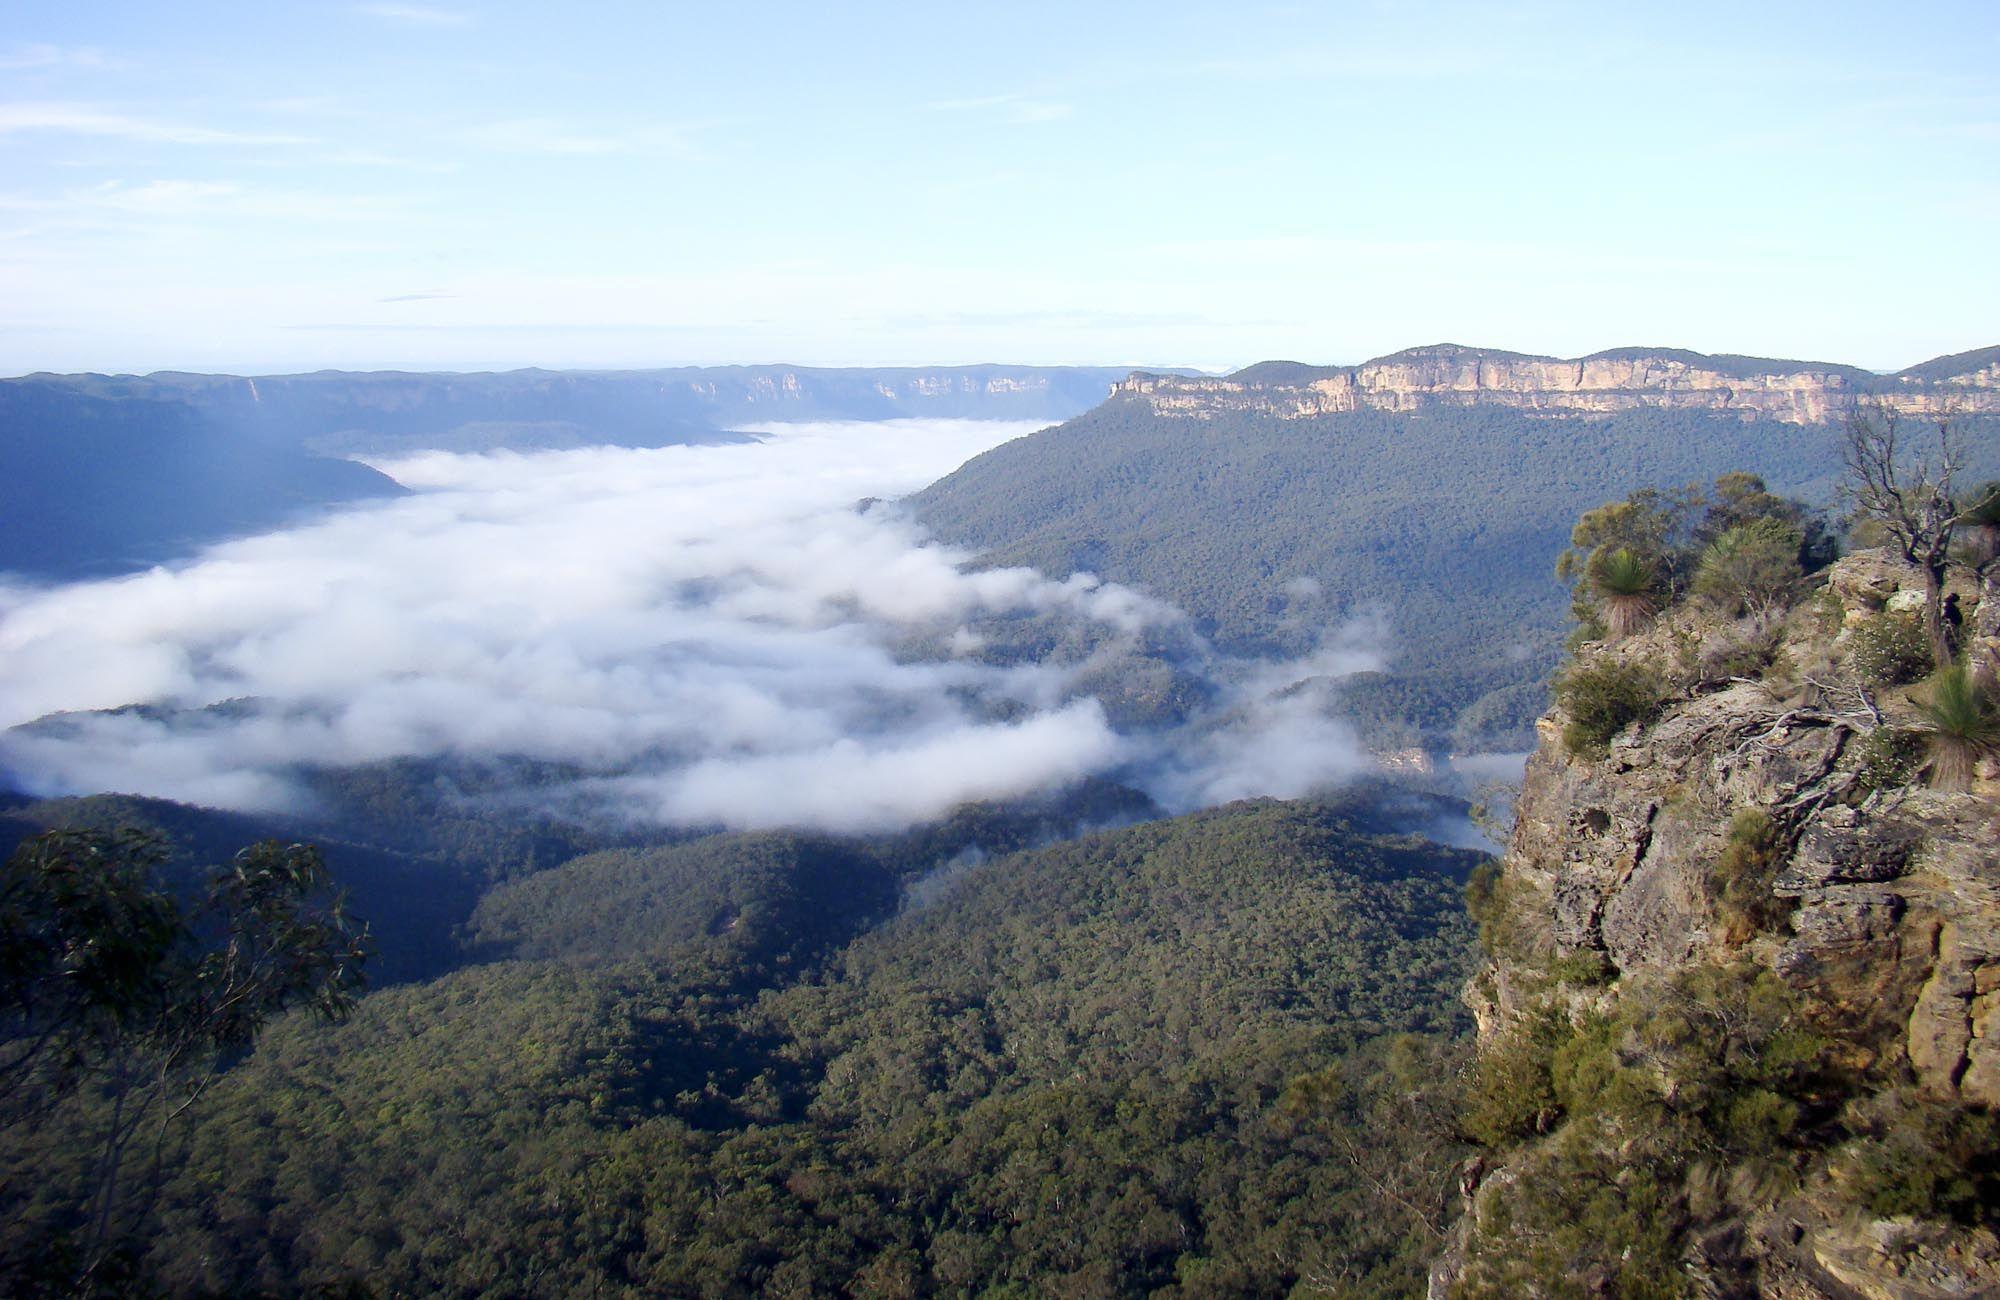 Blue Mountains National Park is my next destination,  24a9afc31c89e7690113d077dce2ea1d